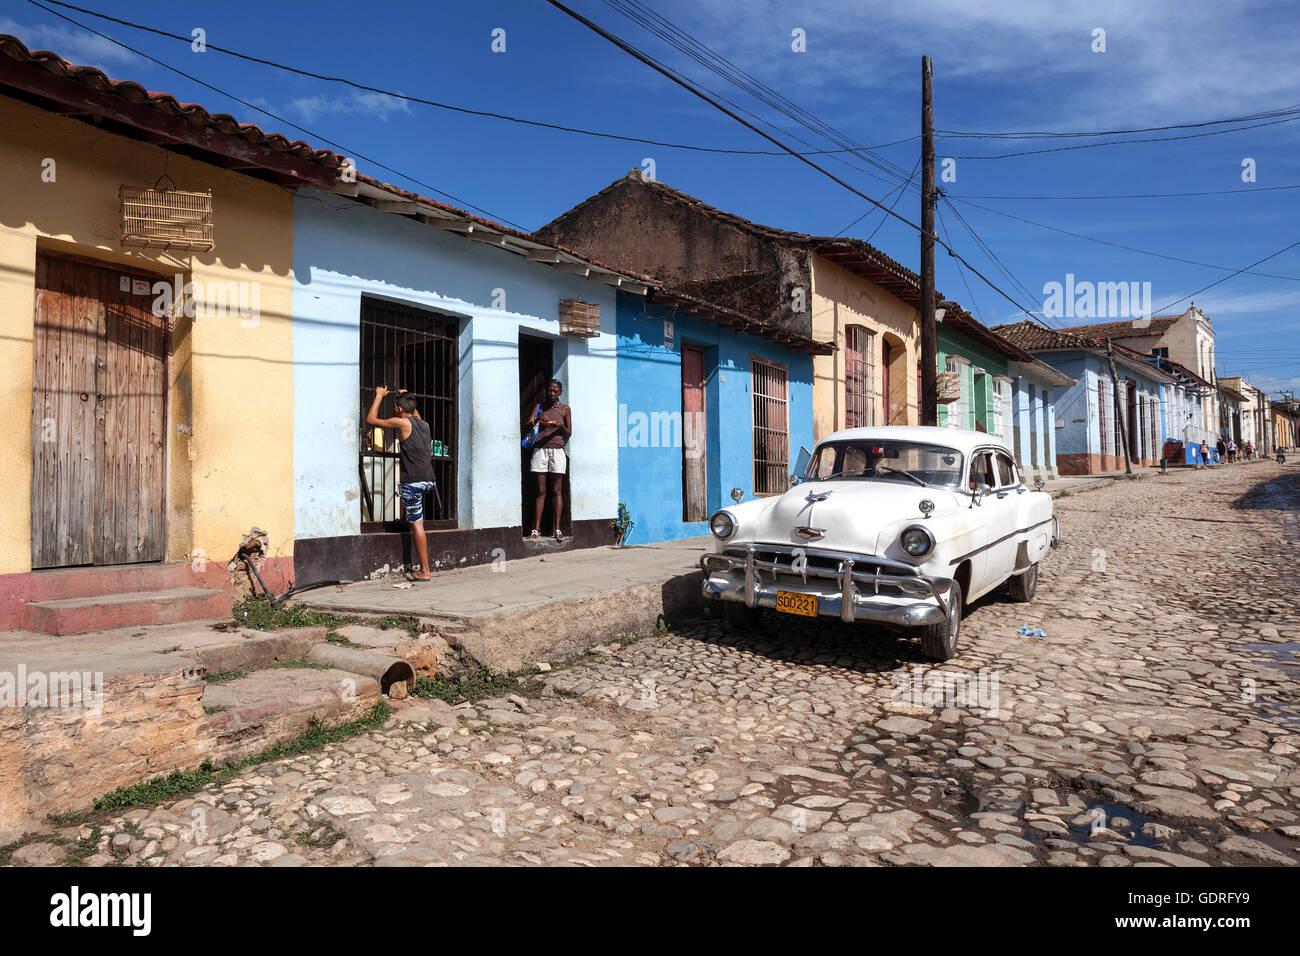 Straße Landschaft, typische Straße mit Kopfsteinpflaster, bunten Häusern und Oldtimer, historische Stockbild